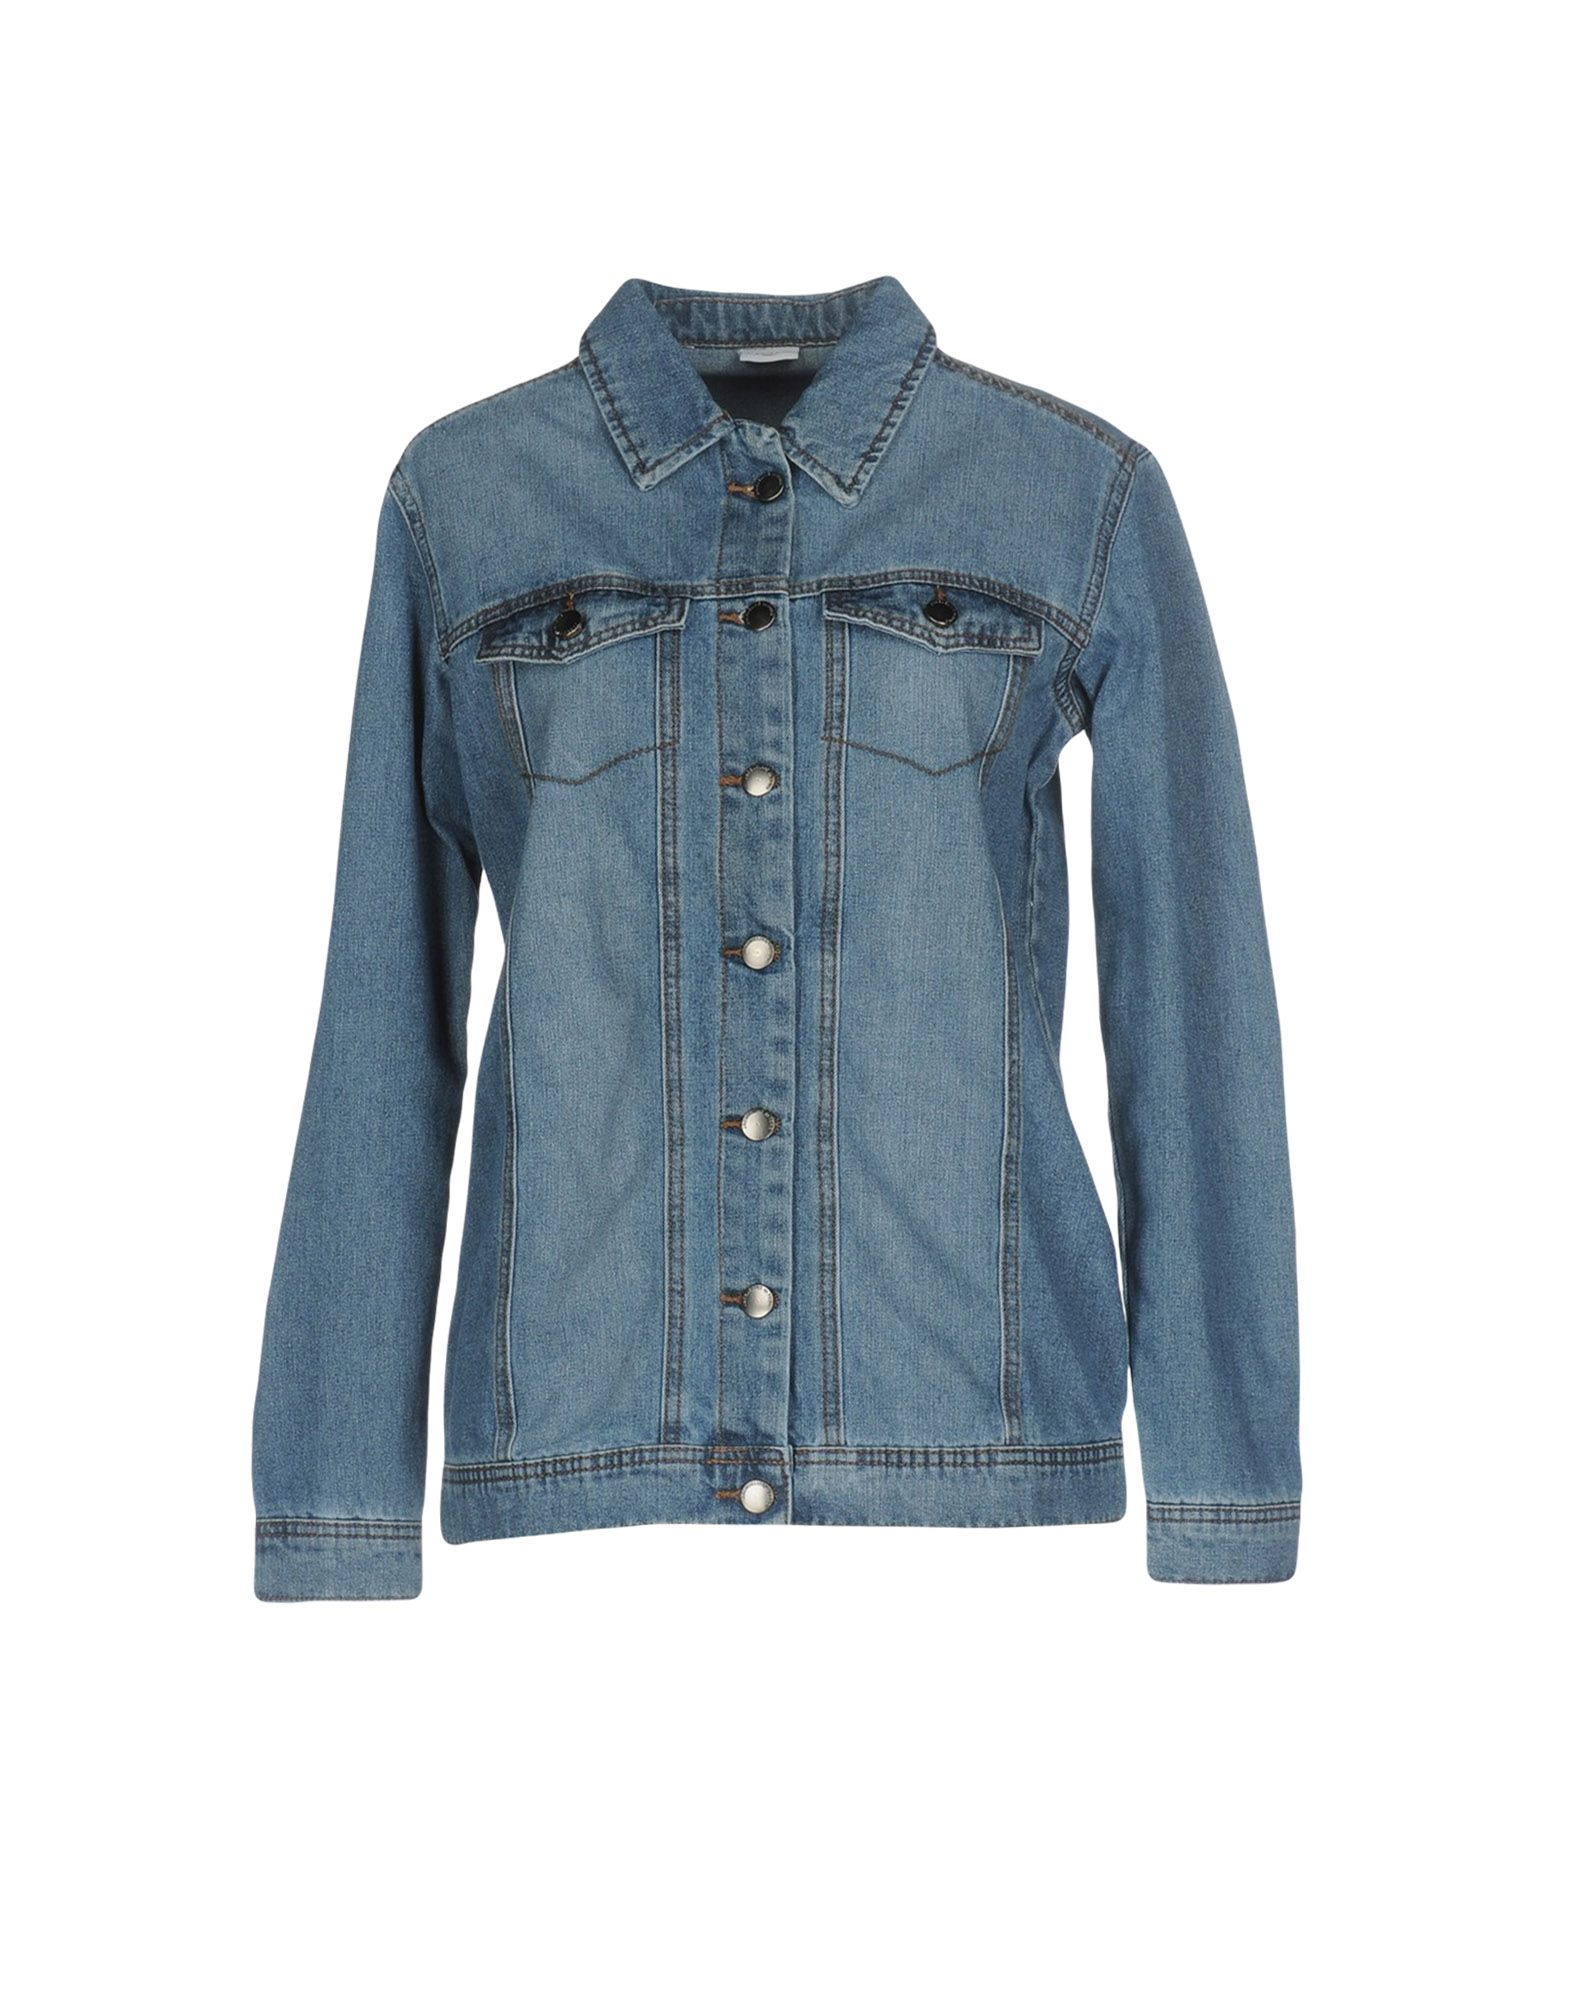 JACQUELINE de YONG Джинсовая верхняя одежда блуза jacqueline de yong jacqueline de yong ja908ewxaf30